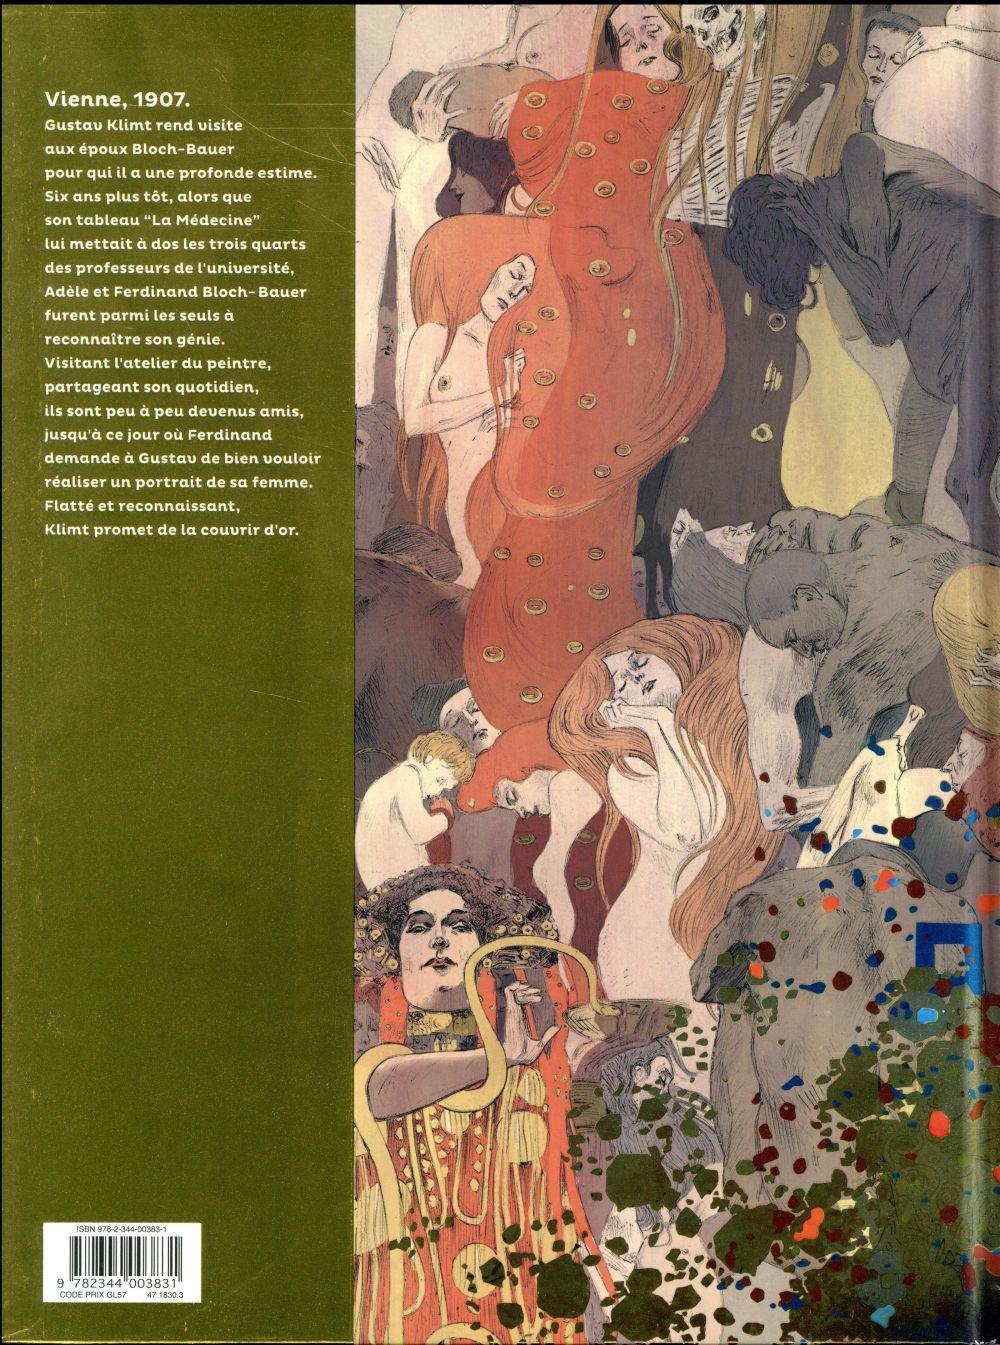 LES GRANDS PEINTRES ; Klimt